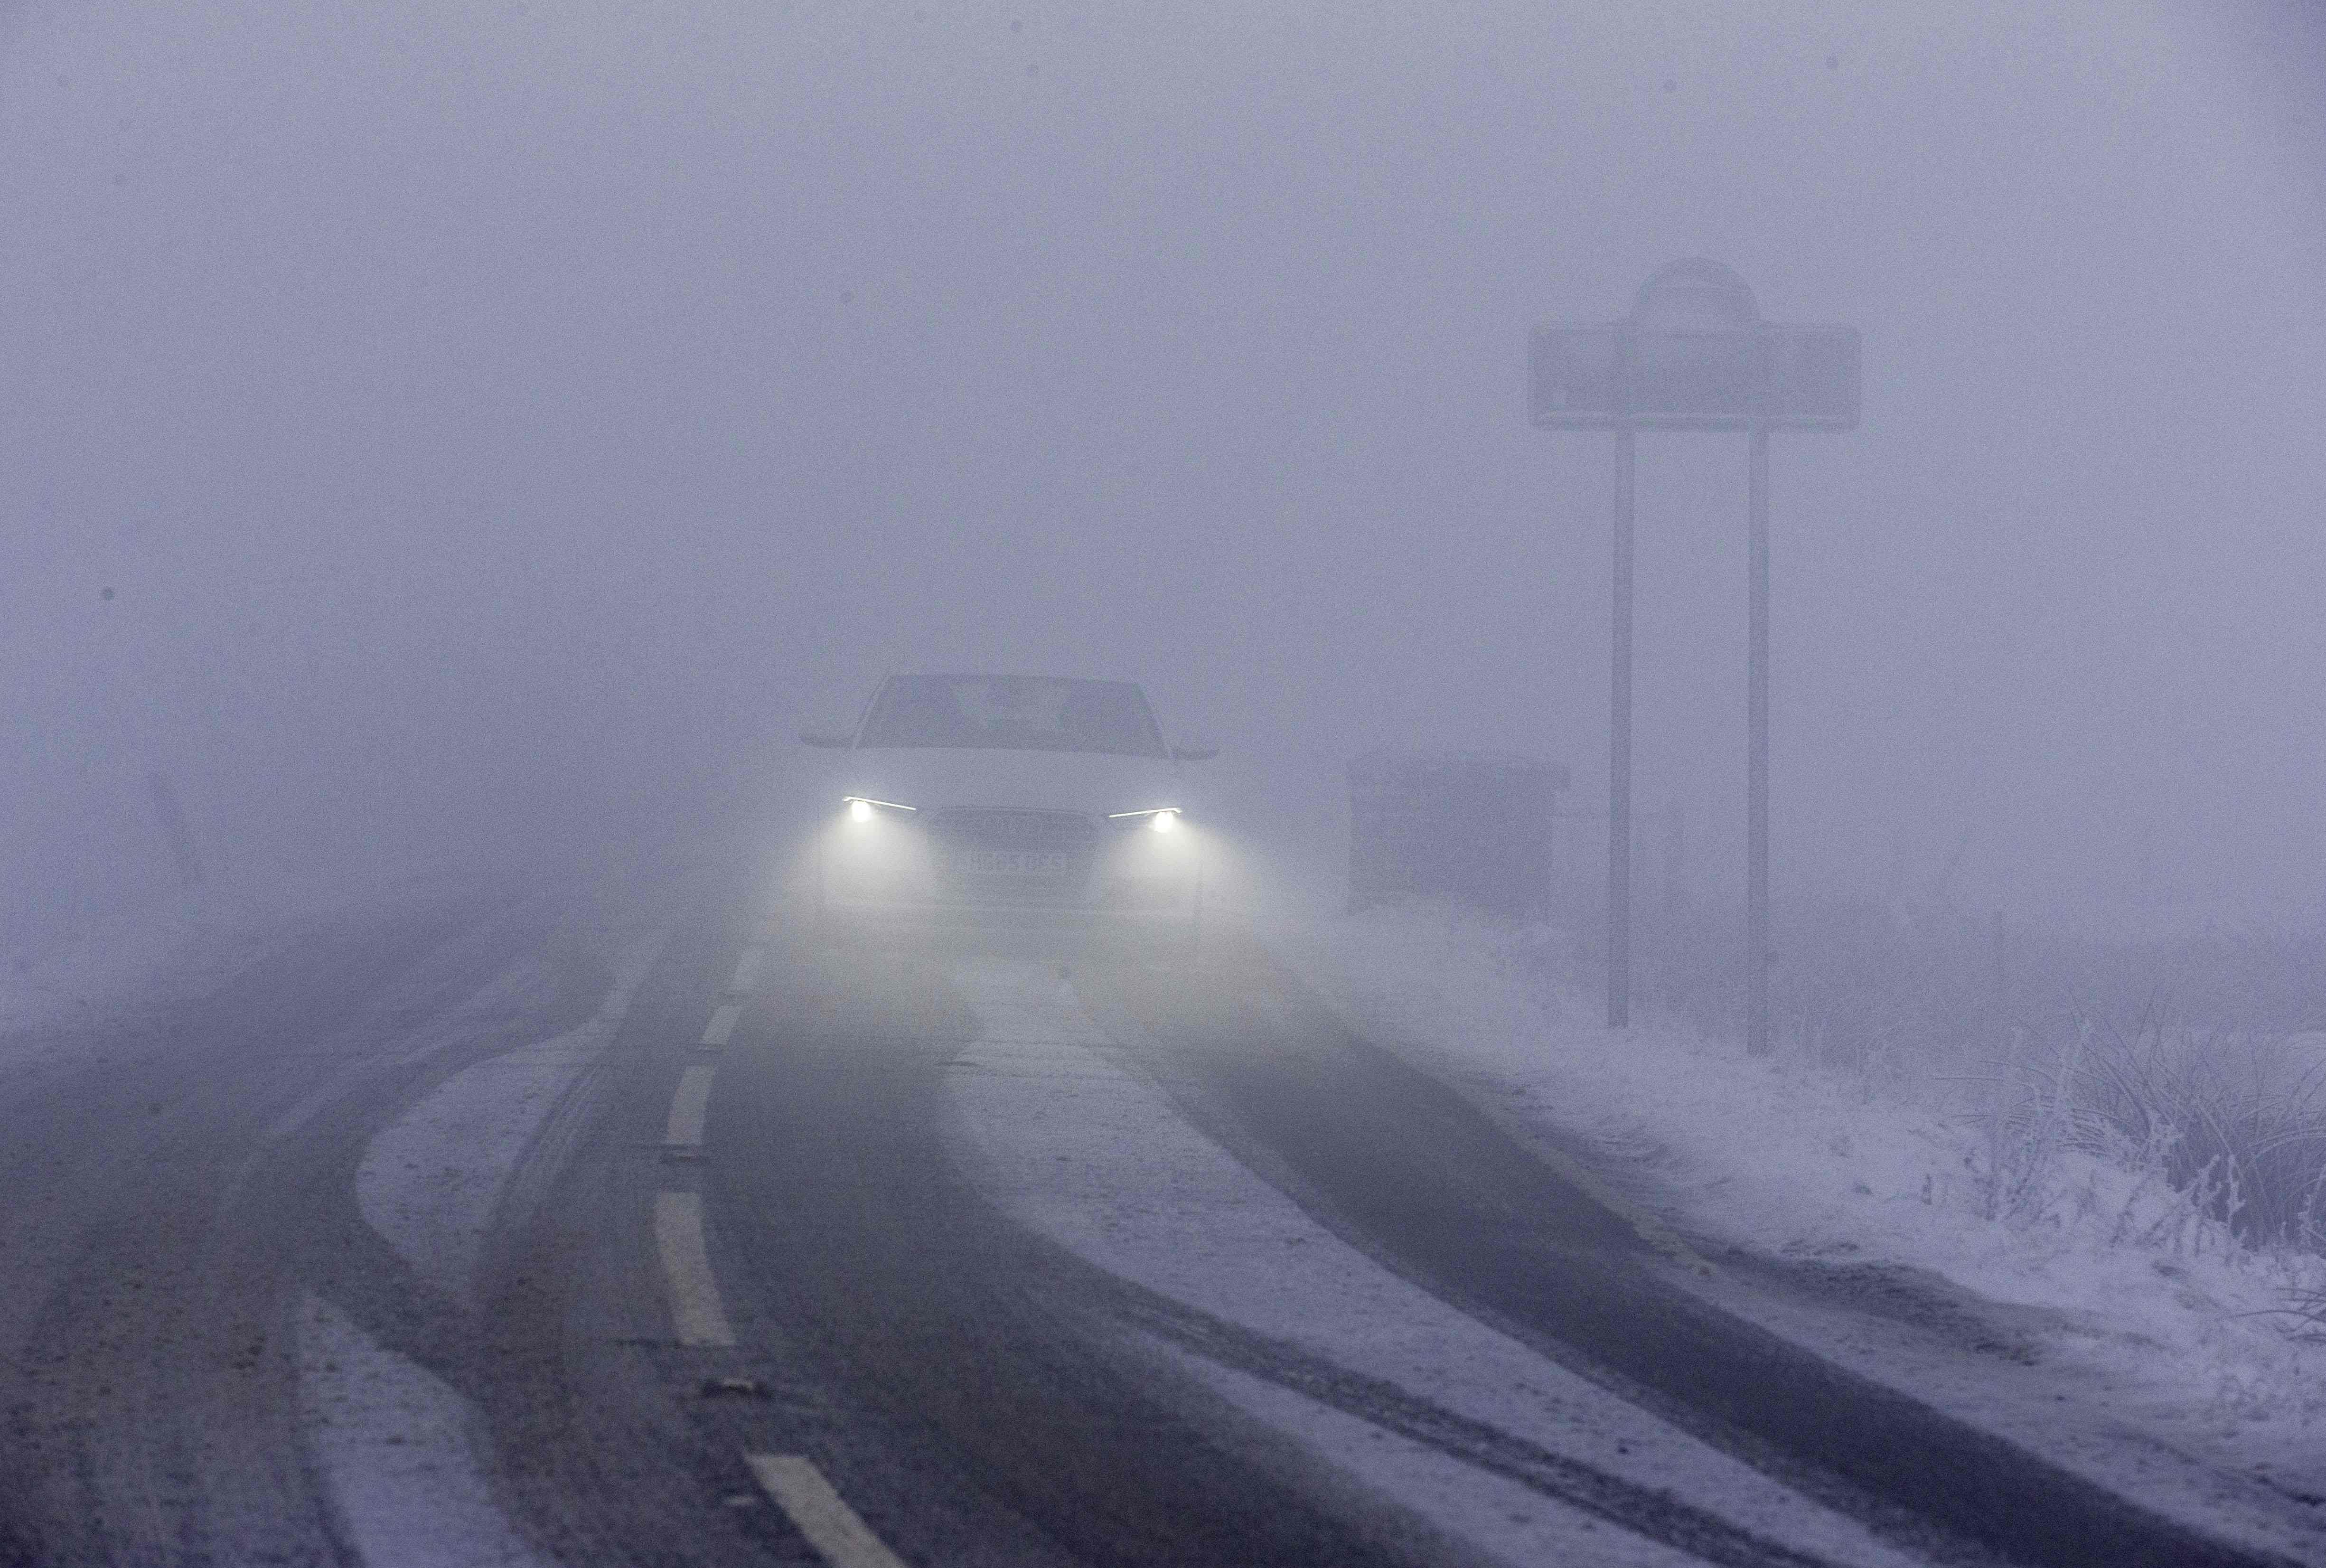 الثلوج الكثيفة تعرقل حركة النقل والسير فى أوروبا 1104181-ضباب-وثلوج-ف